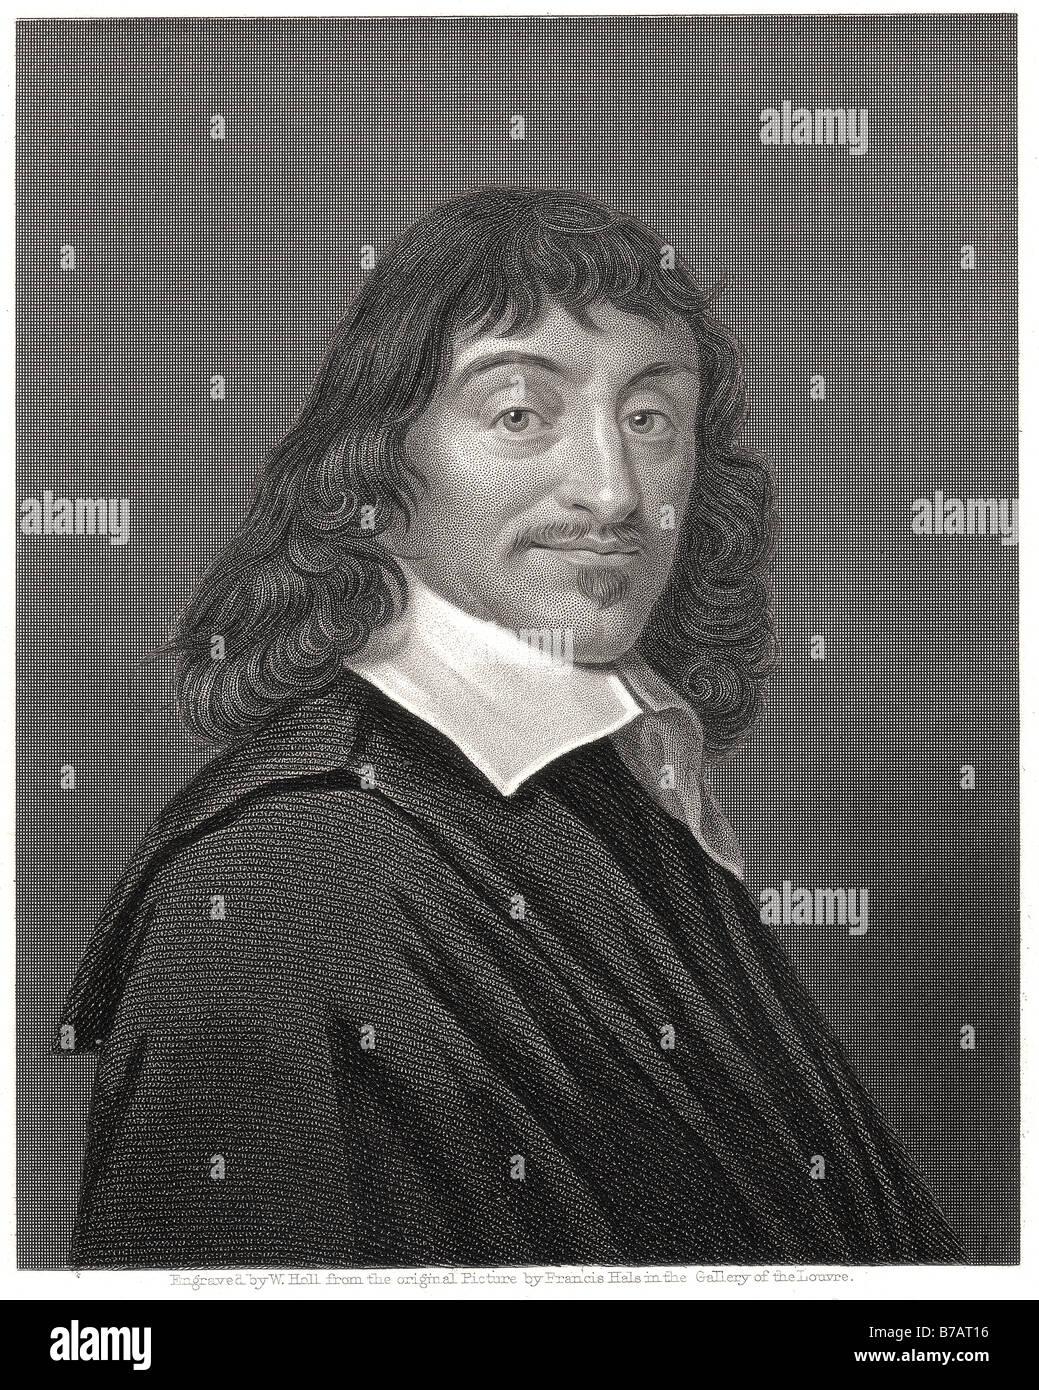 rene descartes René Descartes (31 March 1596 – 11 February 1650), also known as Renatus Cartesius (latinized form),[2] Stock Photo